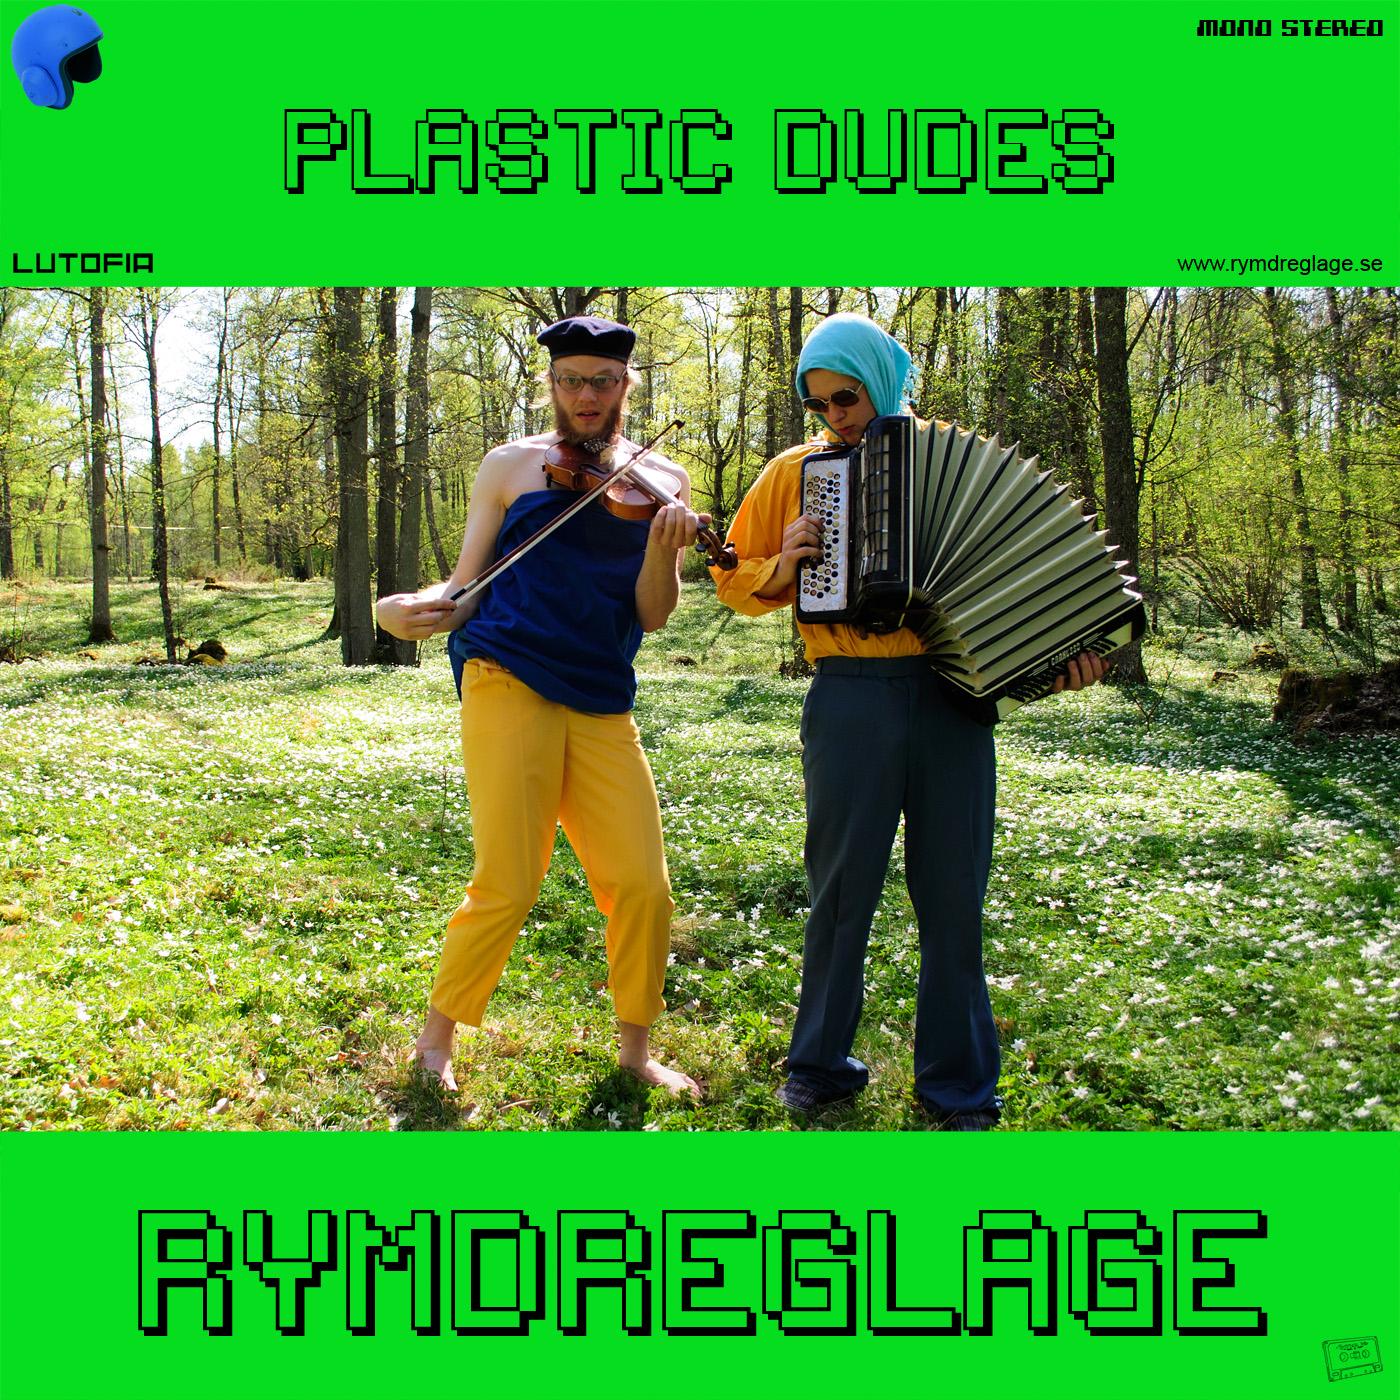 Plastic dudes_to artspages